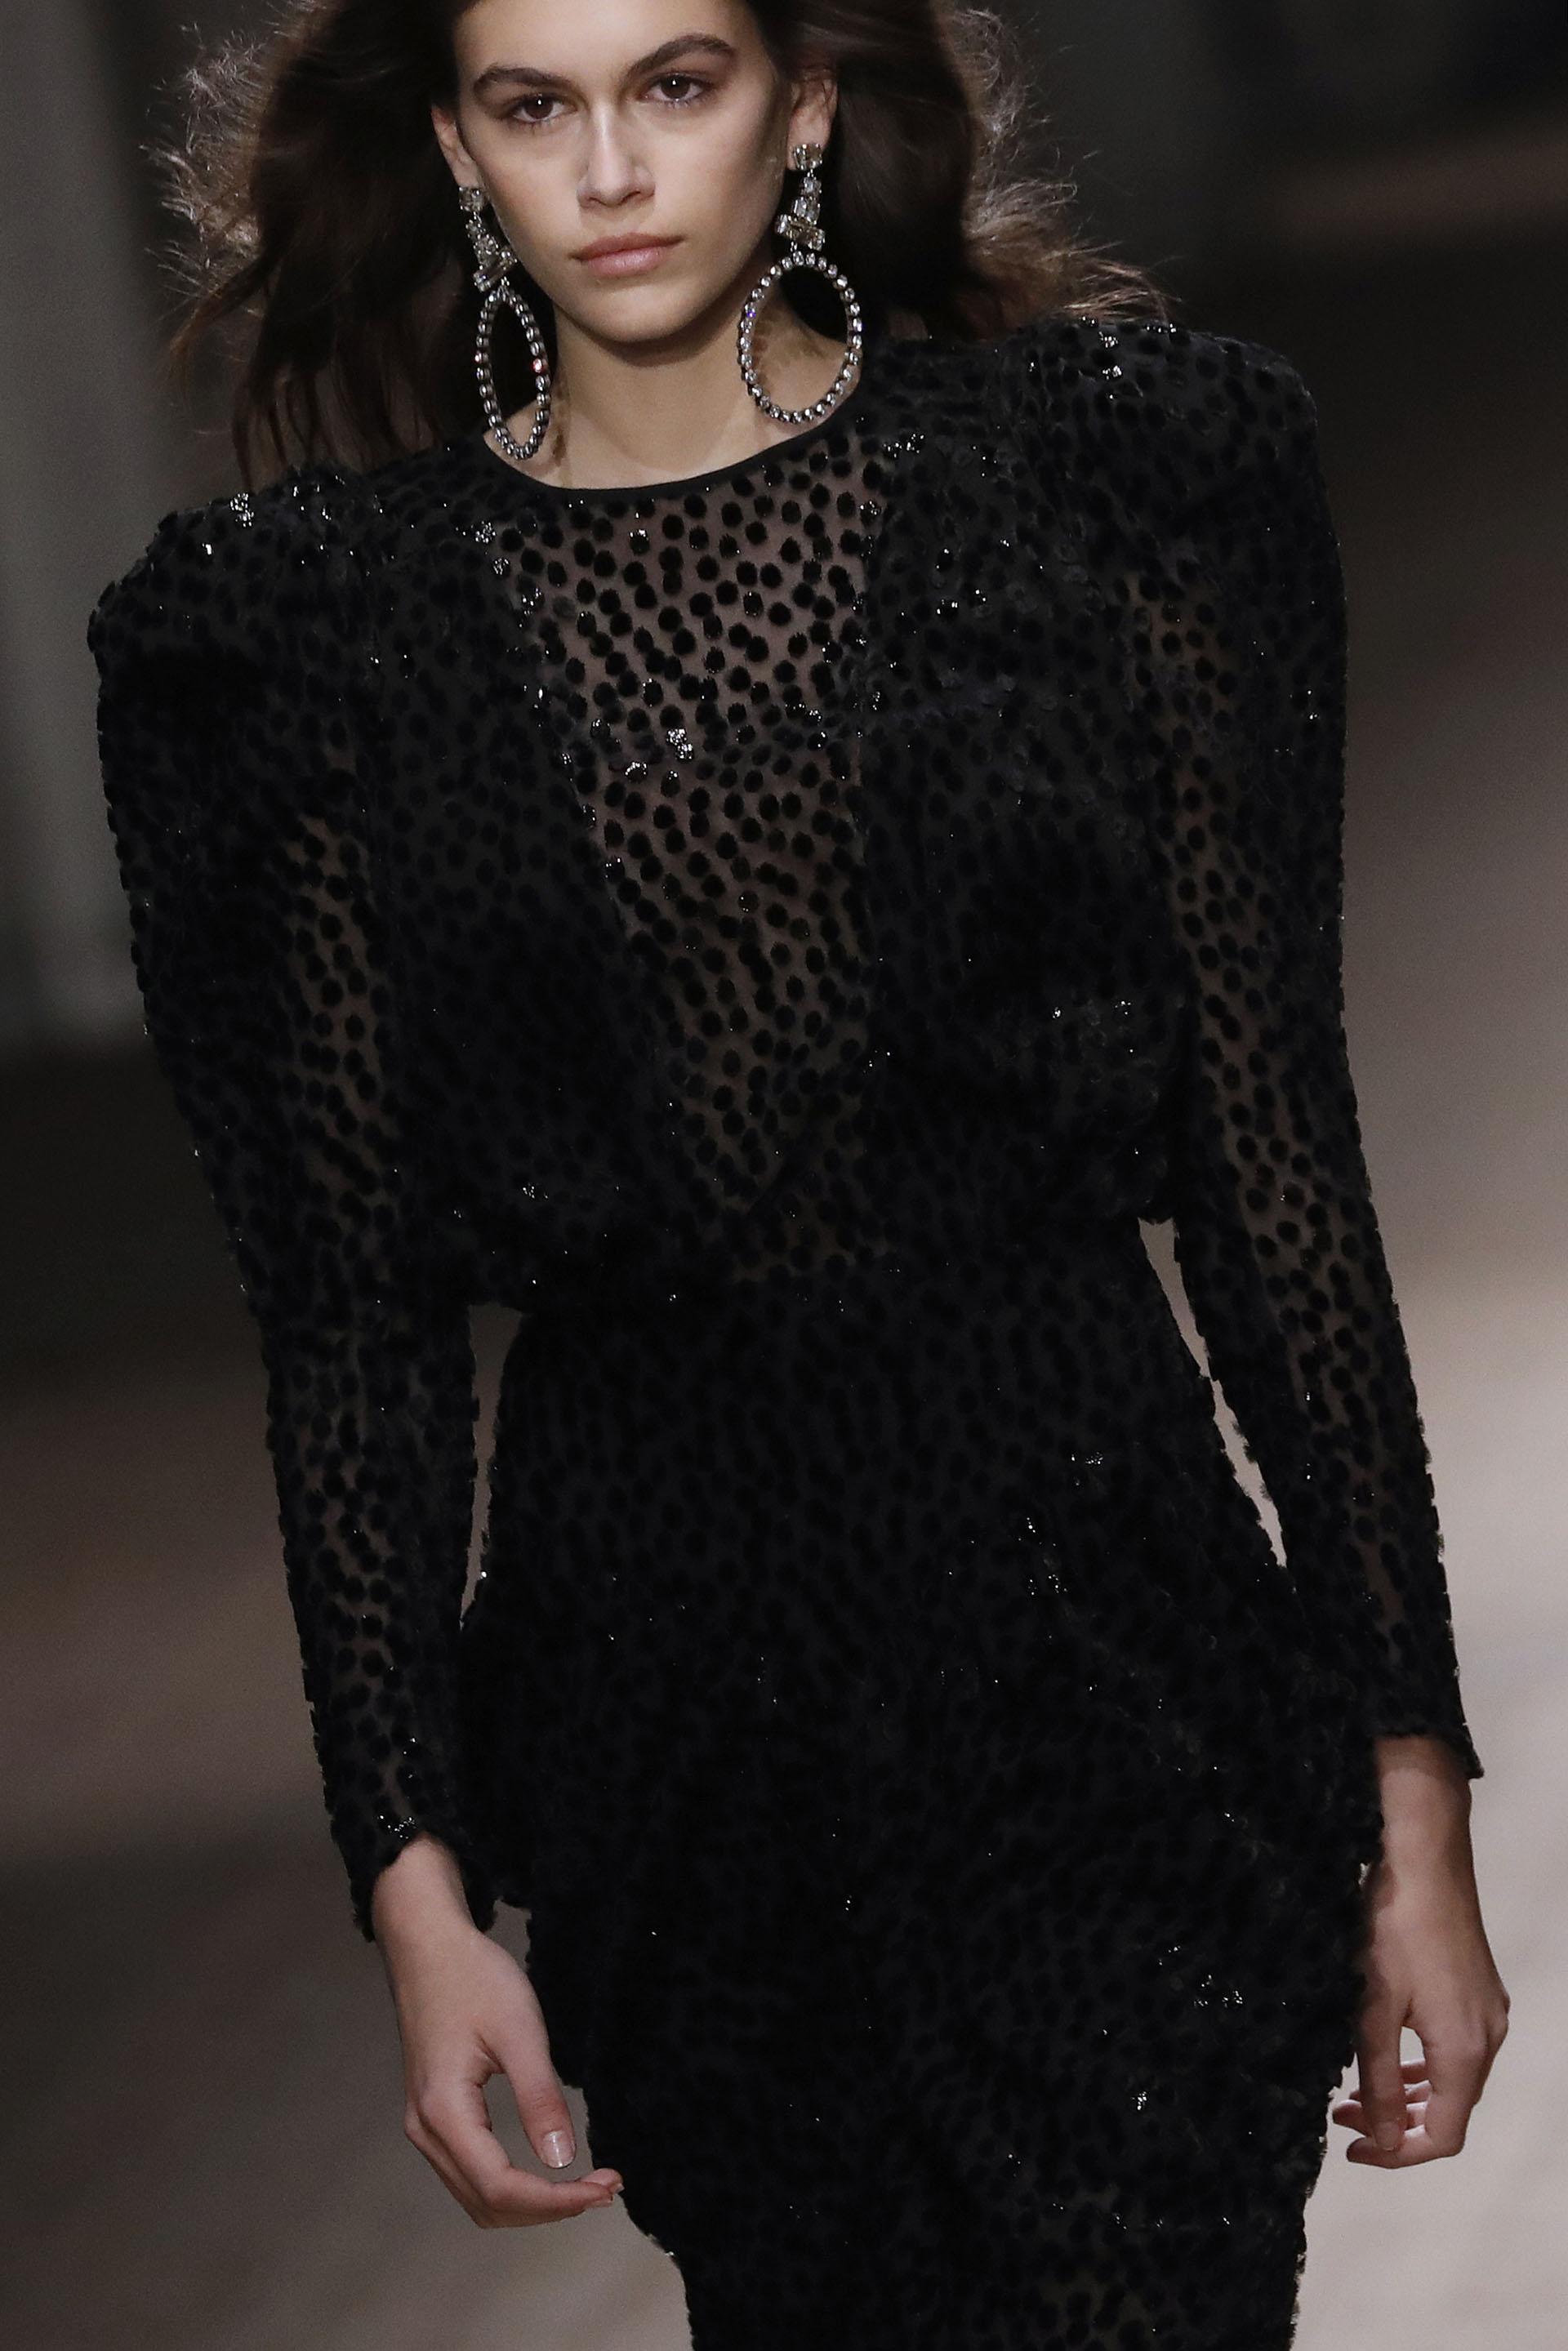 Isabel Marant, la diseñadora francesa, también la convocó para suúltima presentación. Enfunda en un mini dress de encaje y un beauty look relajado una imagen que recordó a su madre